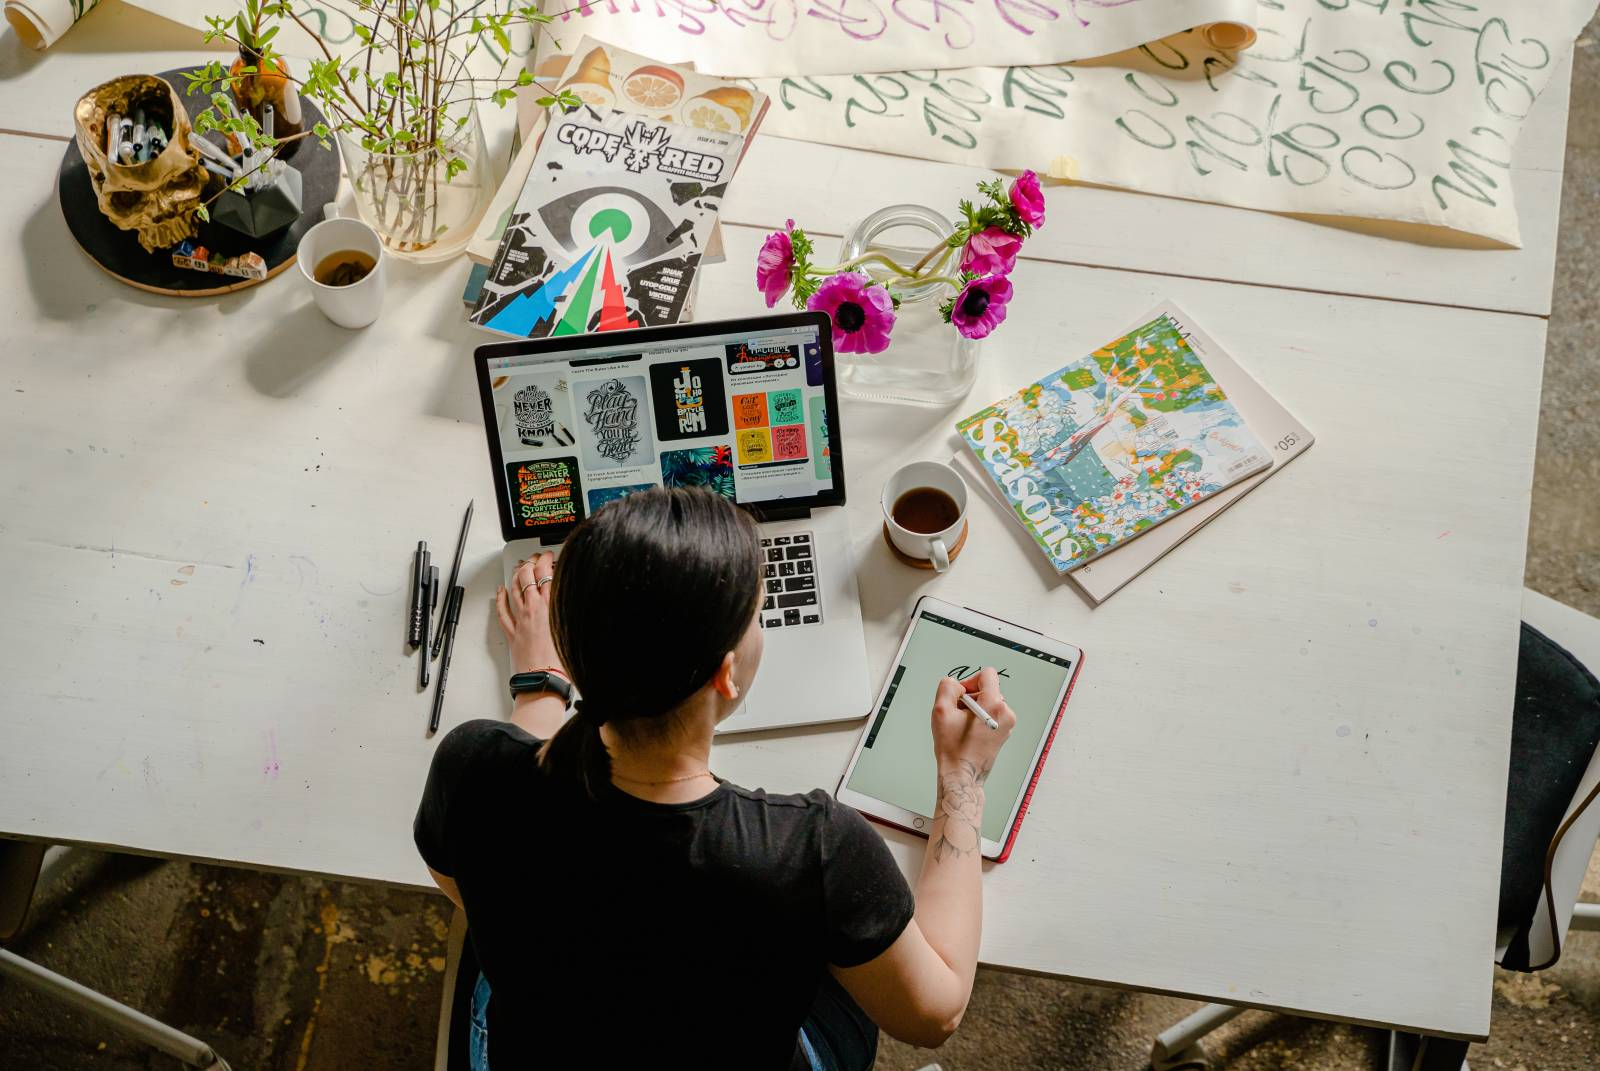 Kiireinen opiskelija työpöydän äärellä